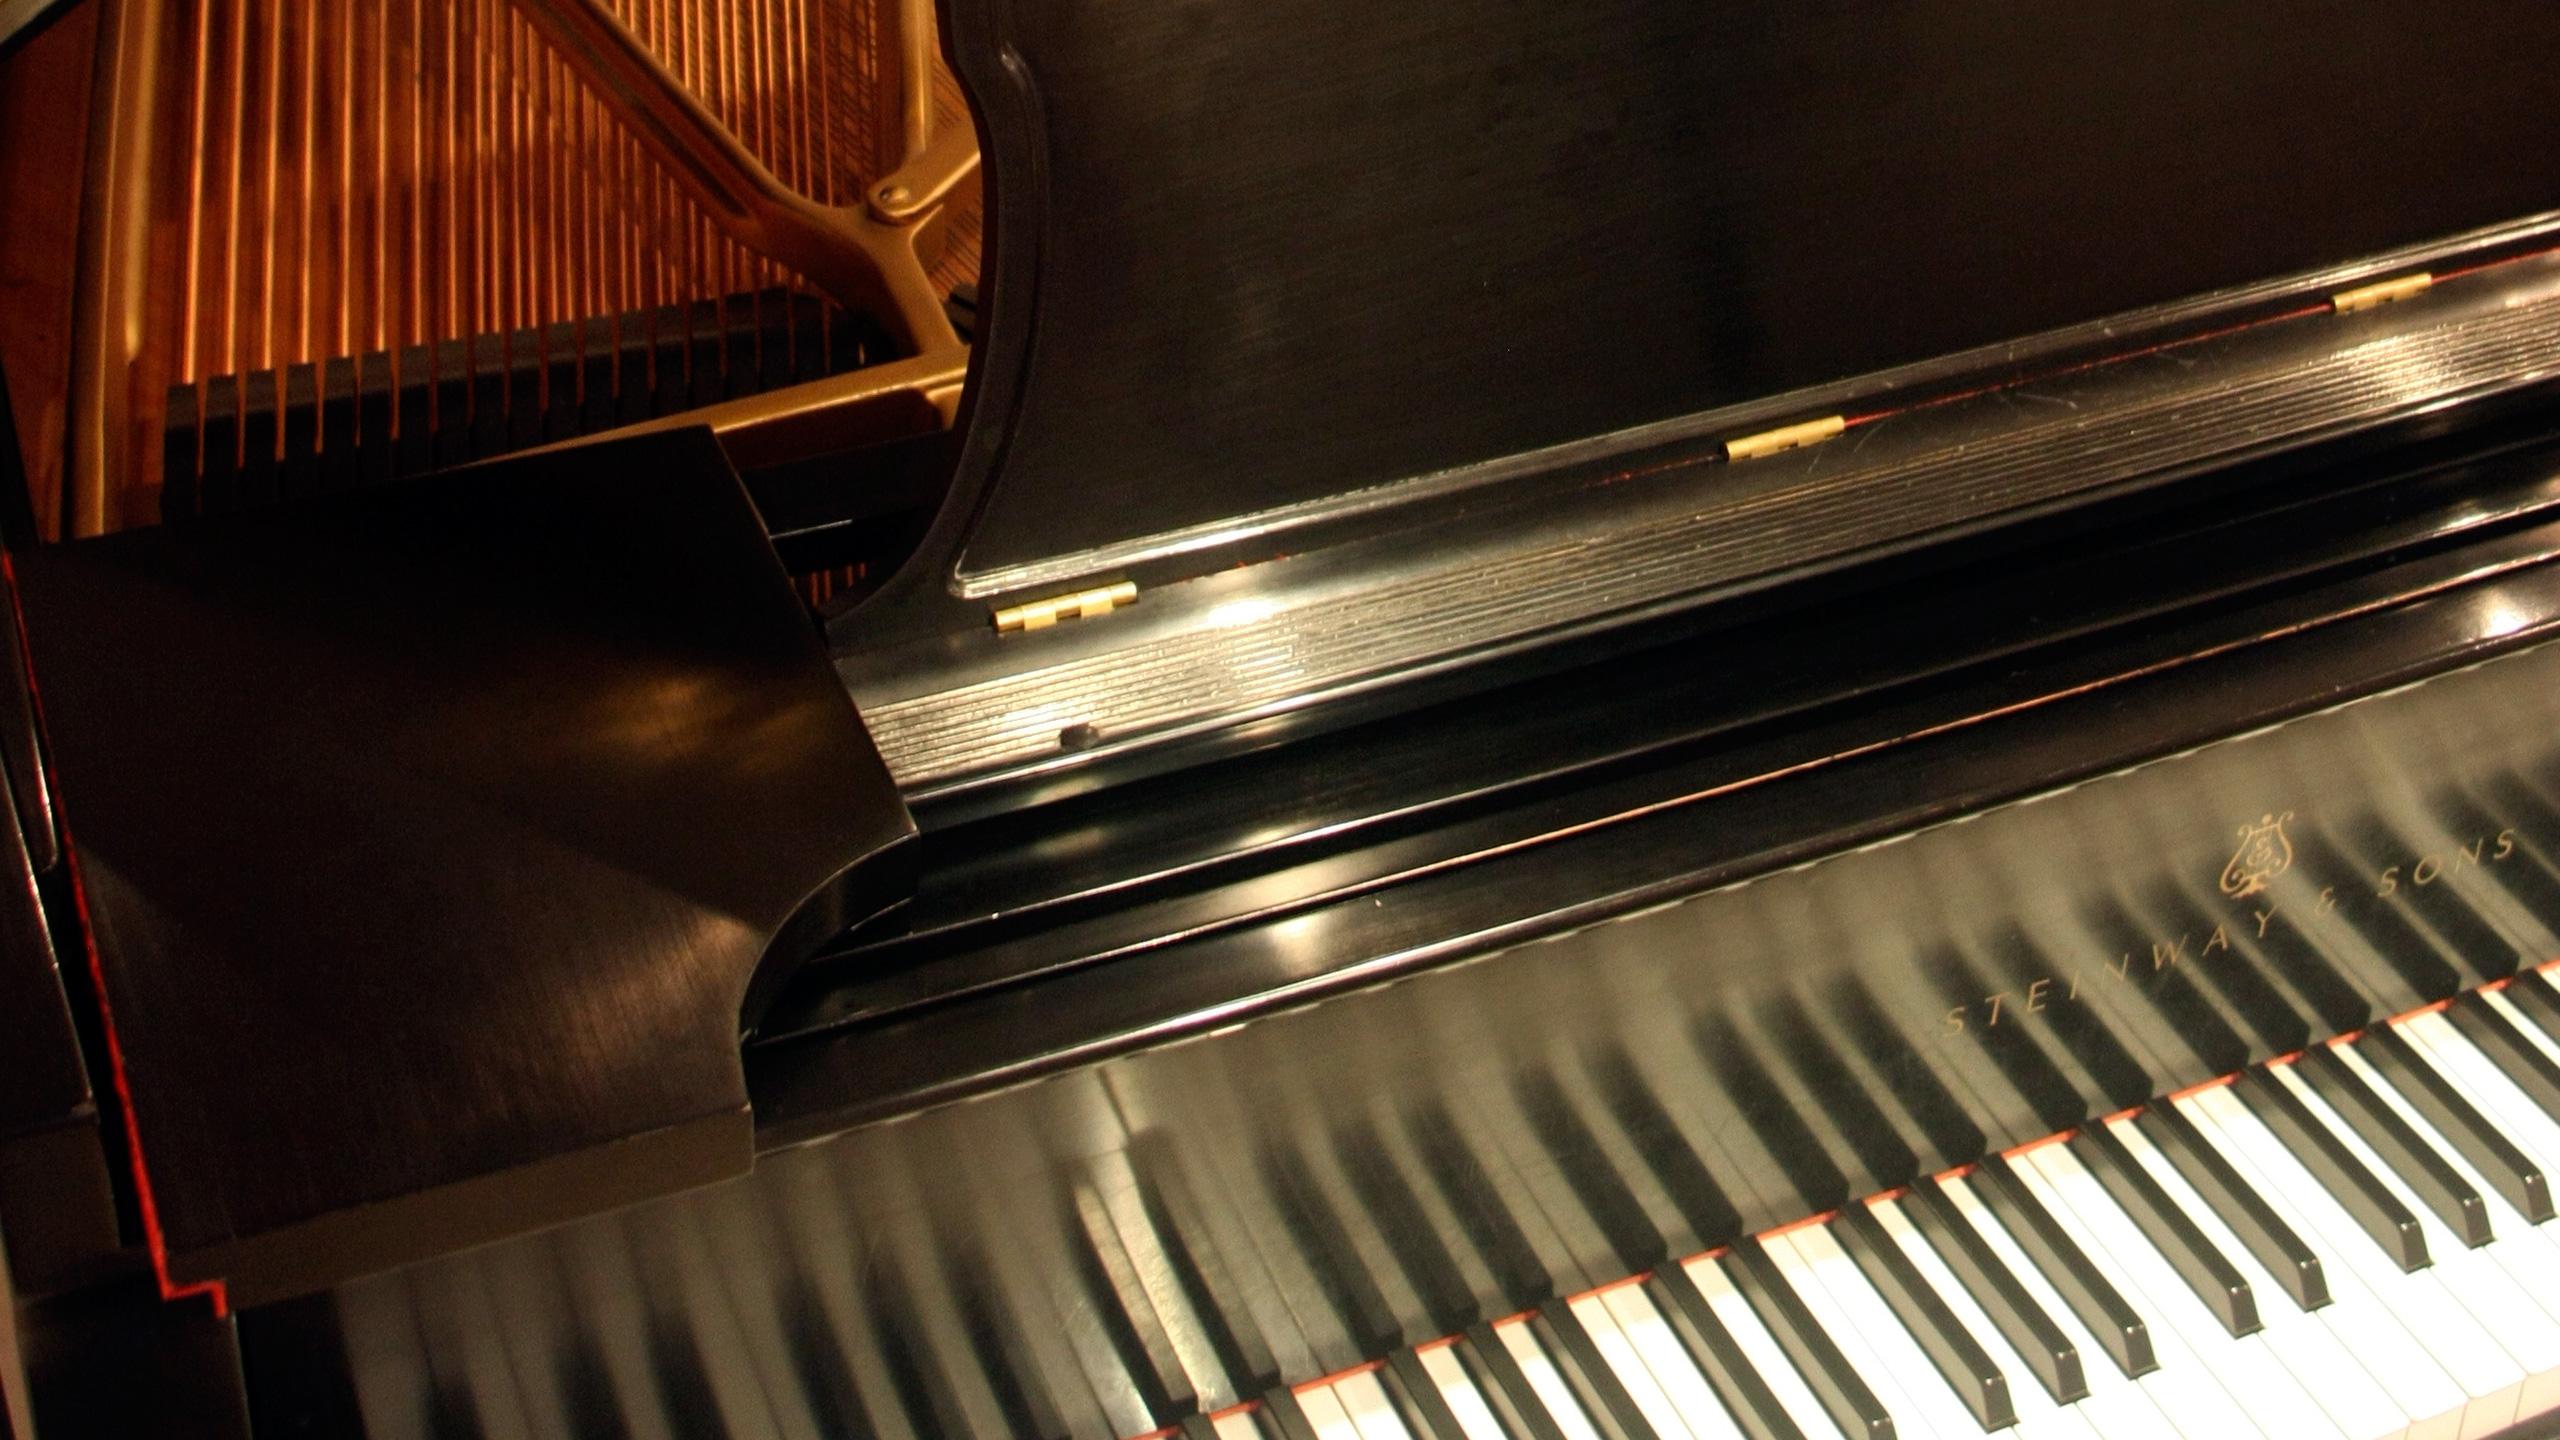 ピアノ初心者の方は是非お読みください